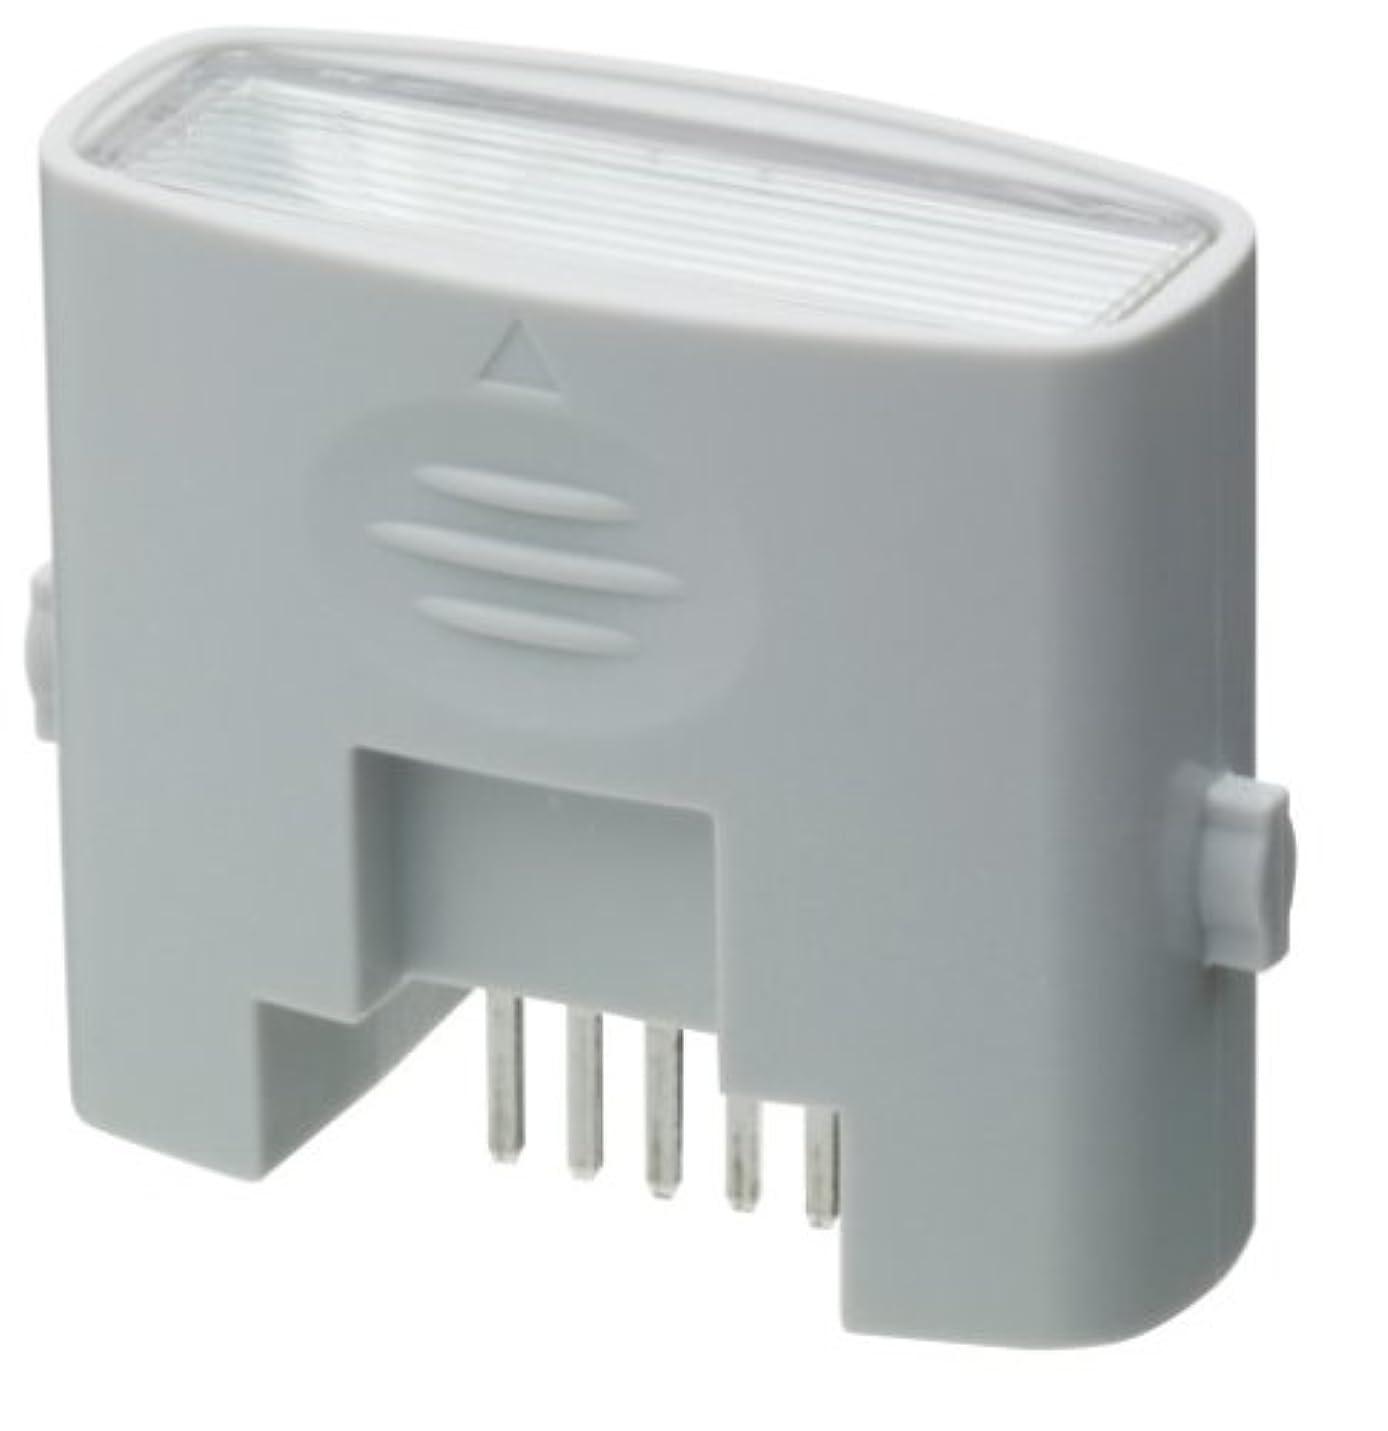 悩みいくつかの馬鹿げたパナソニック 光エステ 交換用ランプカートリッジ ES-2W11